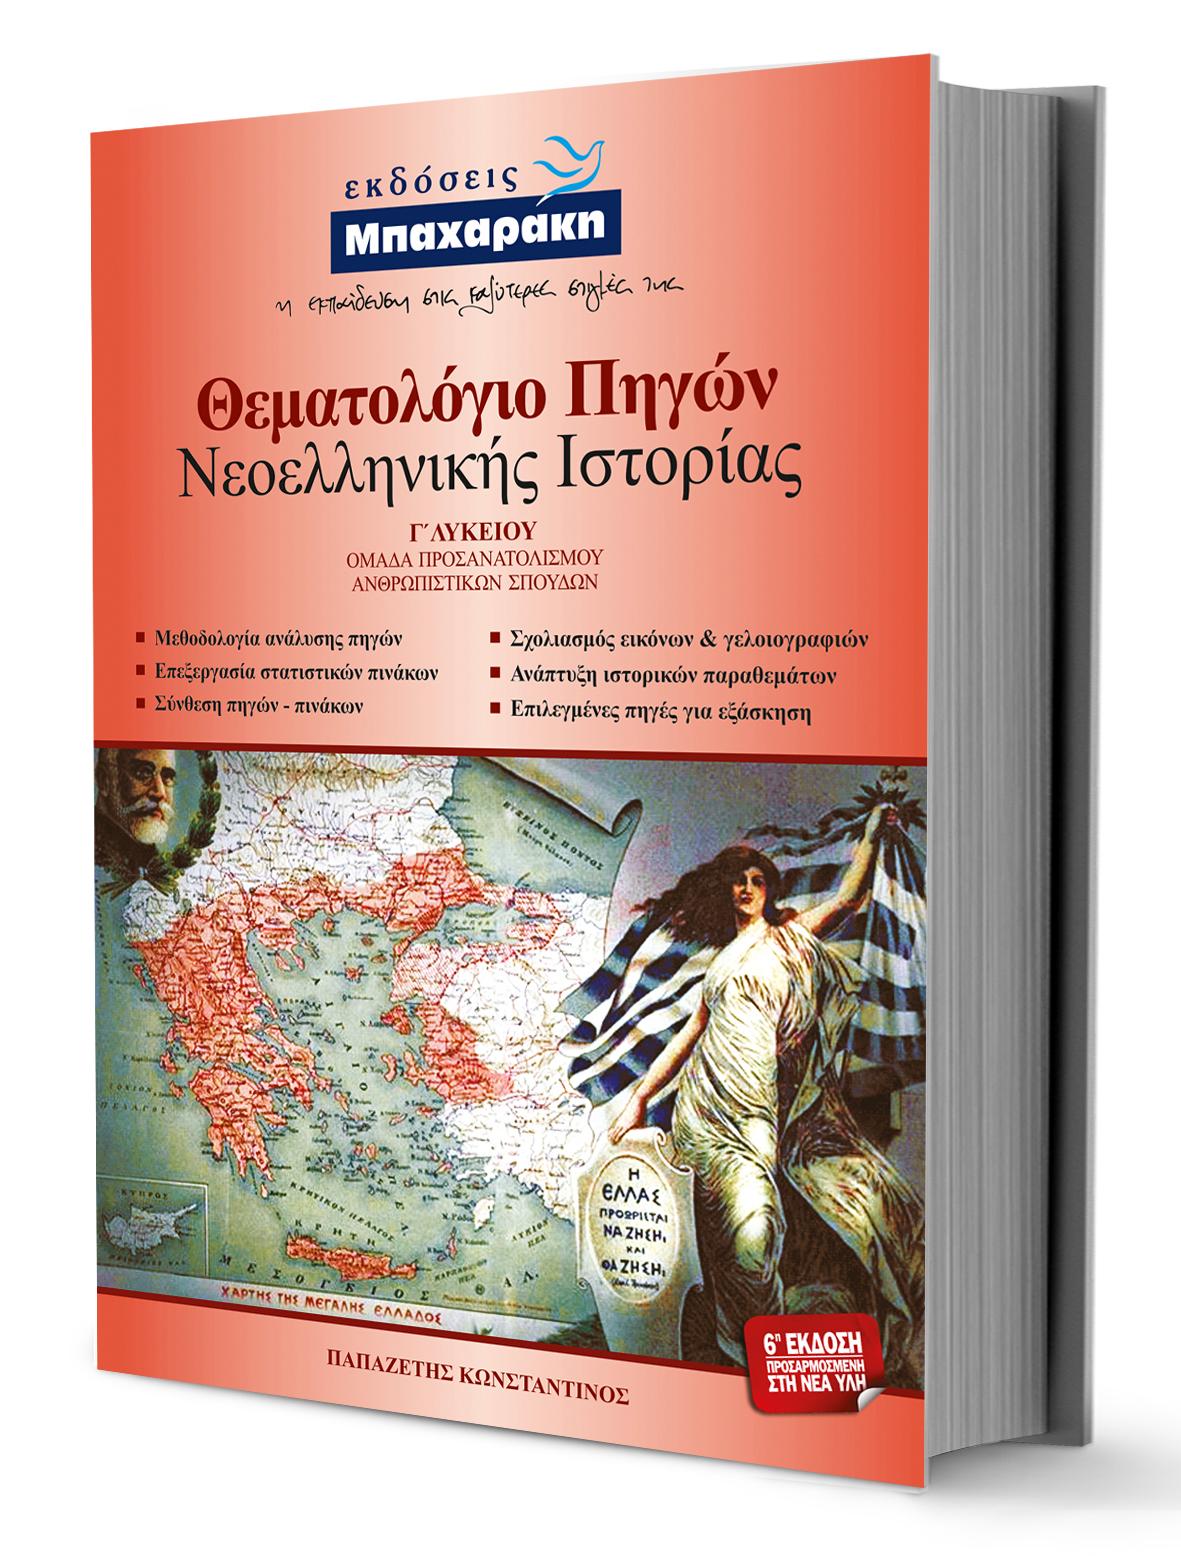 Εκδόσεις Μπαχαράκη: Βίβλίο με τίτλο: ΘΕΜΑΤΟΛΟΓΙΟ ΠΗΓΩΝ ΝΕΟΕΛΛΗΝΙΚΗΣ ΙΣΤΟΡΙΑΣ Ανθρωπιστικών Σπουδών Γ΄ Λυκείου